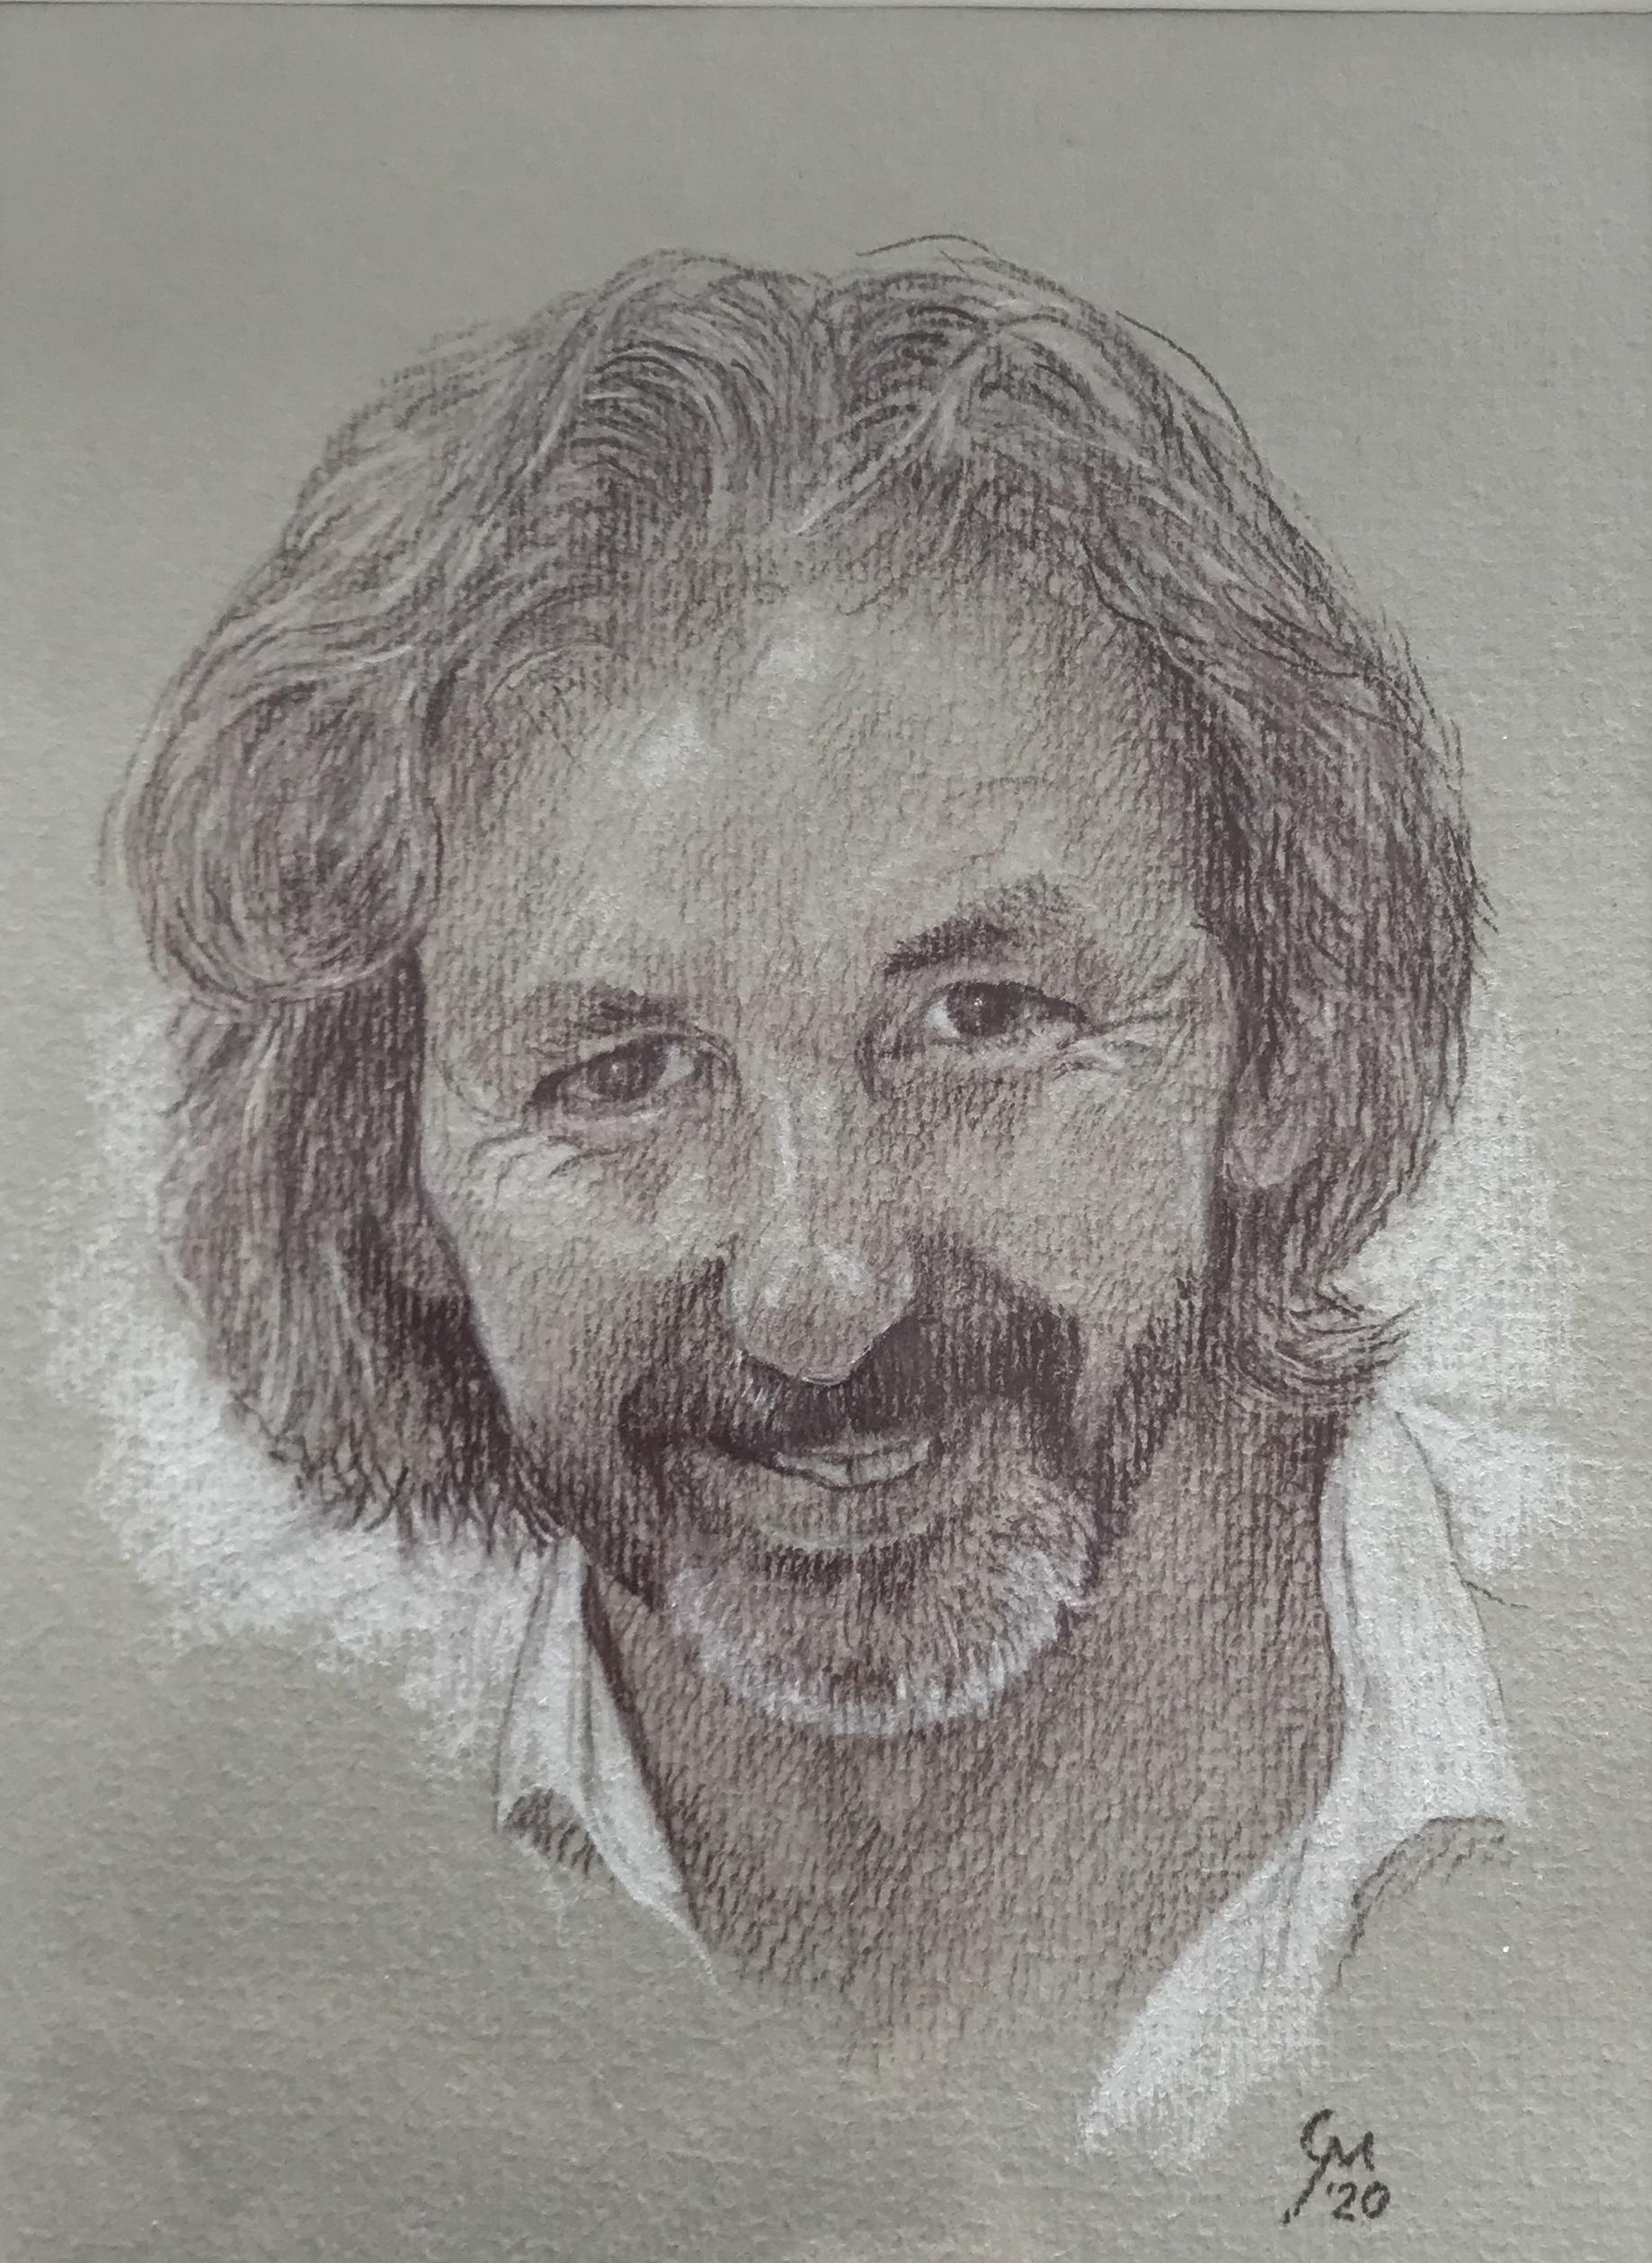 Ralf Puschmann